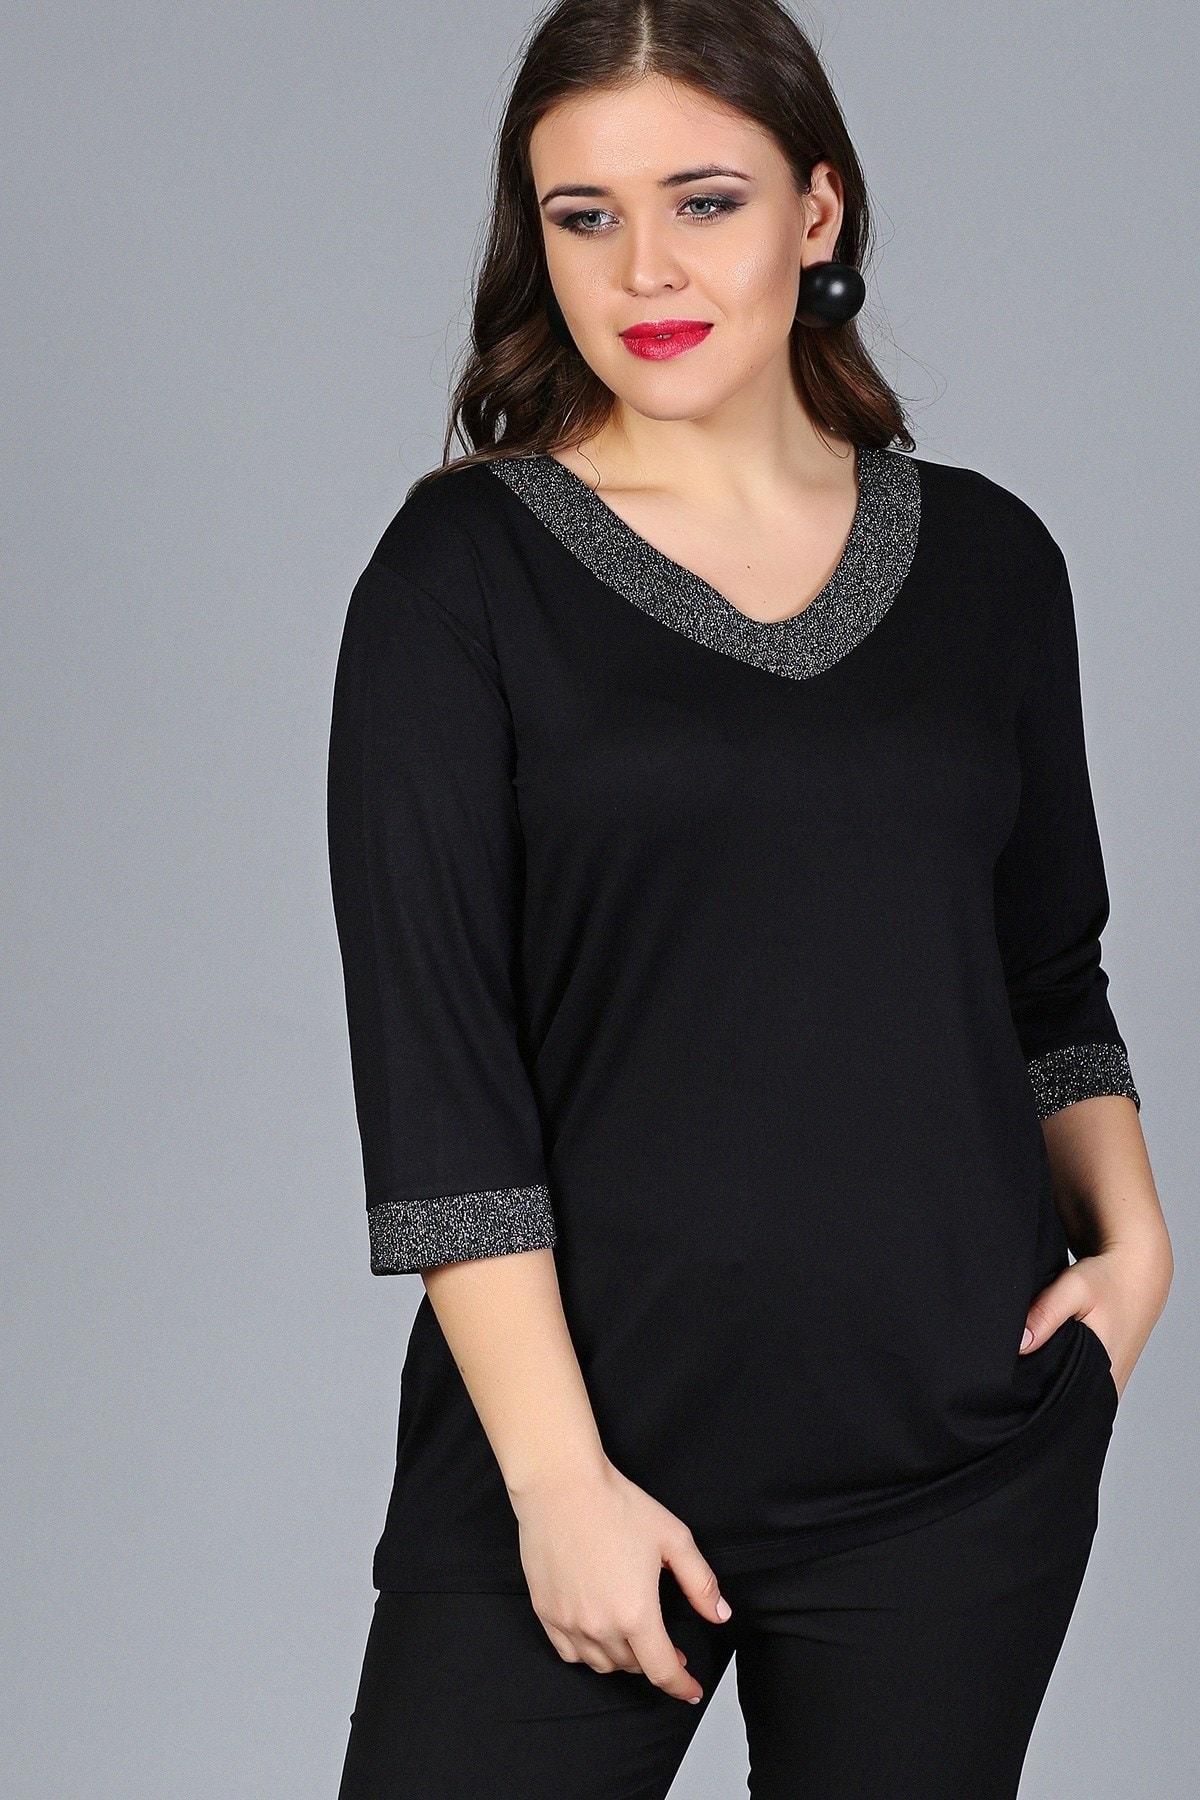 Gül Moda Kadın Büyük Beden Bluz Simli Kapri Kol Siyah G012 1